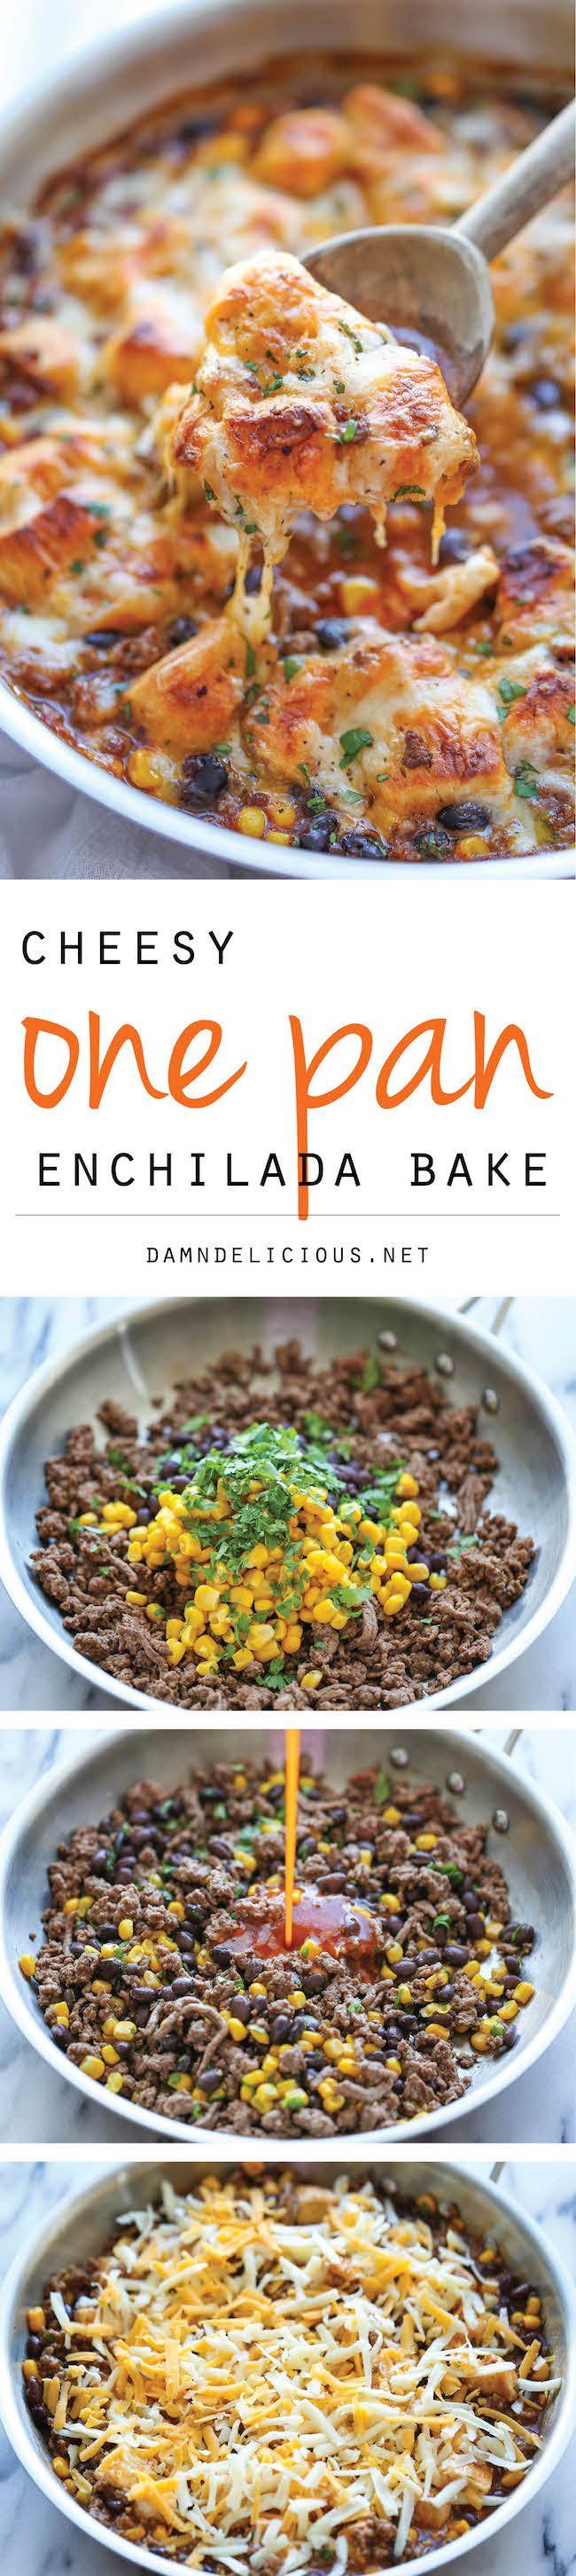 One Pan Enchilada Bake